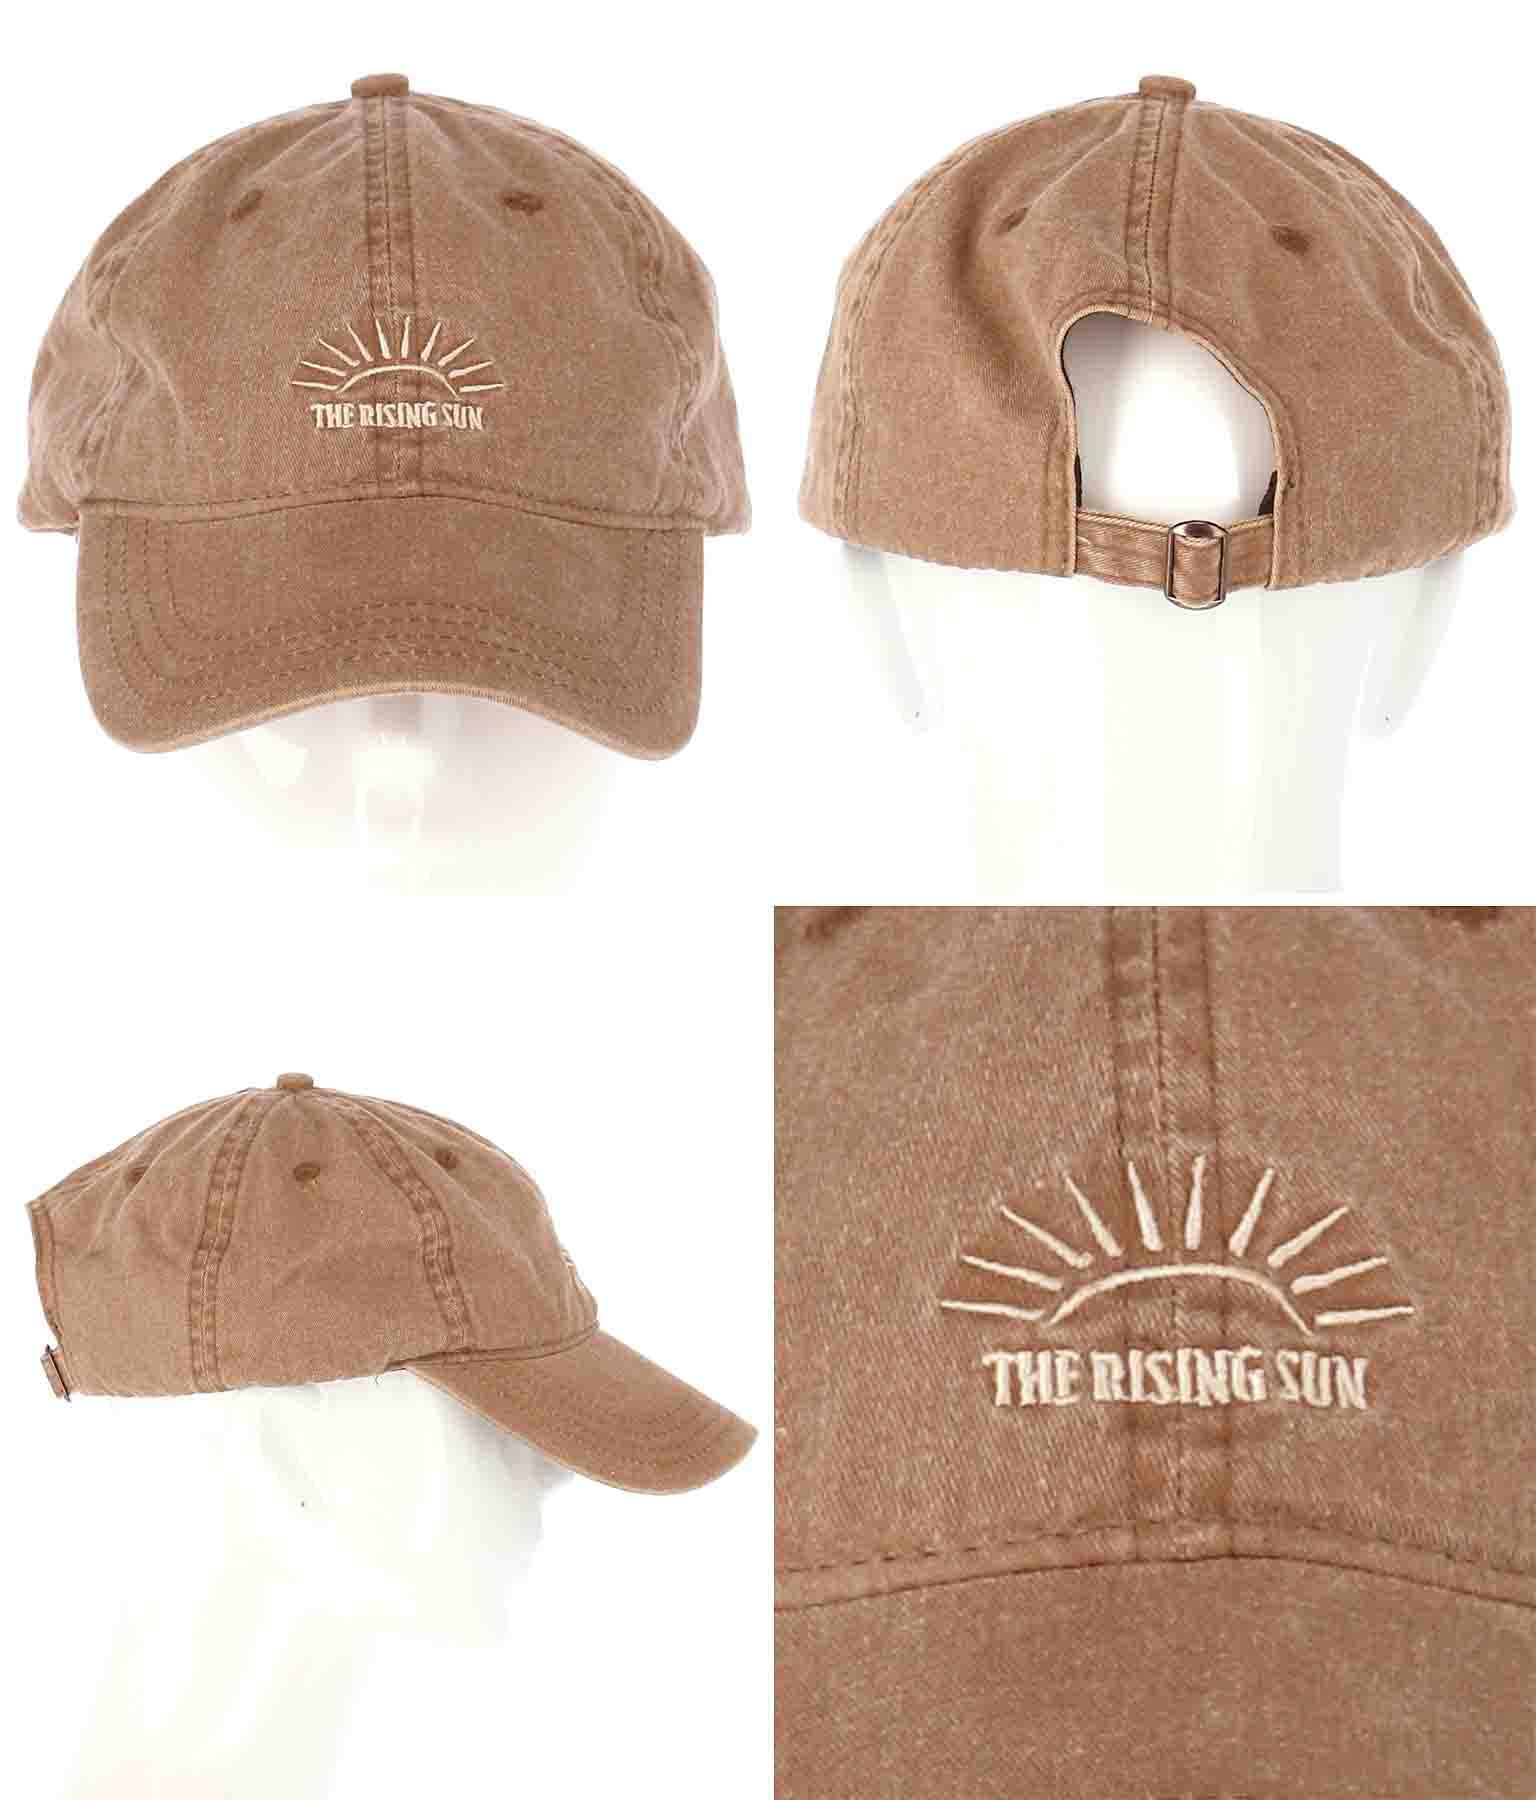 ウォッシュキャップ(ファッション雑貨/ハット・キャップ・ニット帽 ・キャスケット・ベレー帽) | anap mimpi